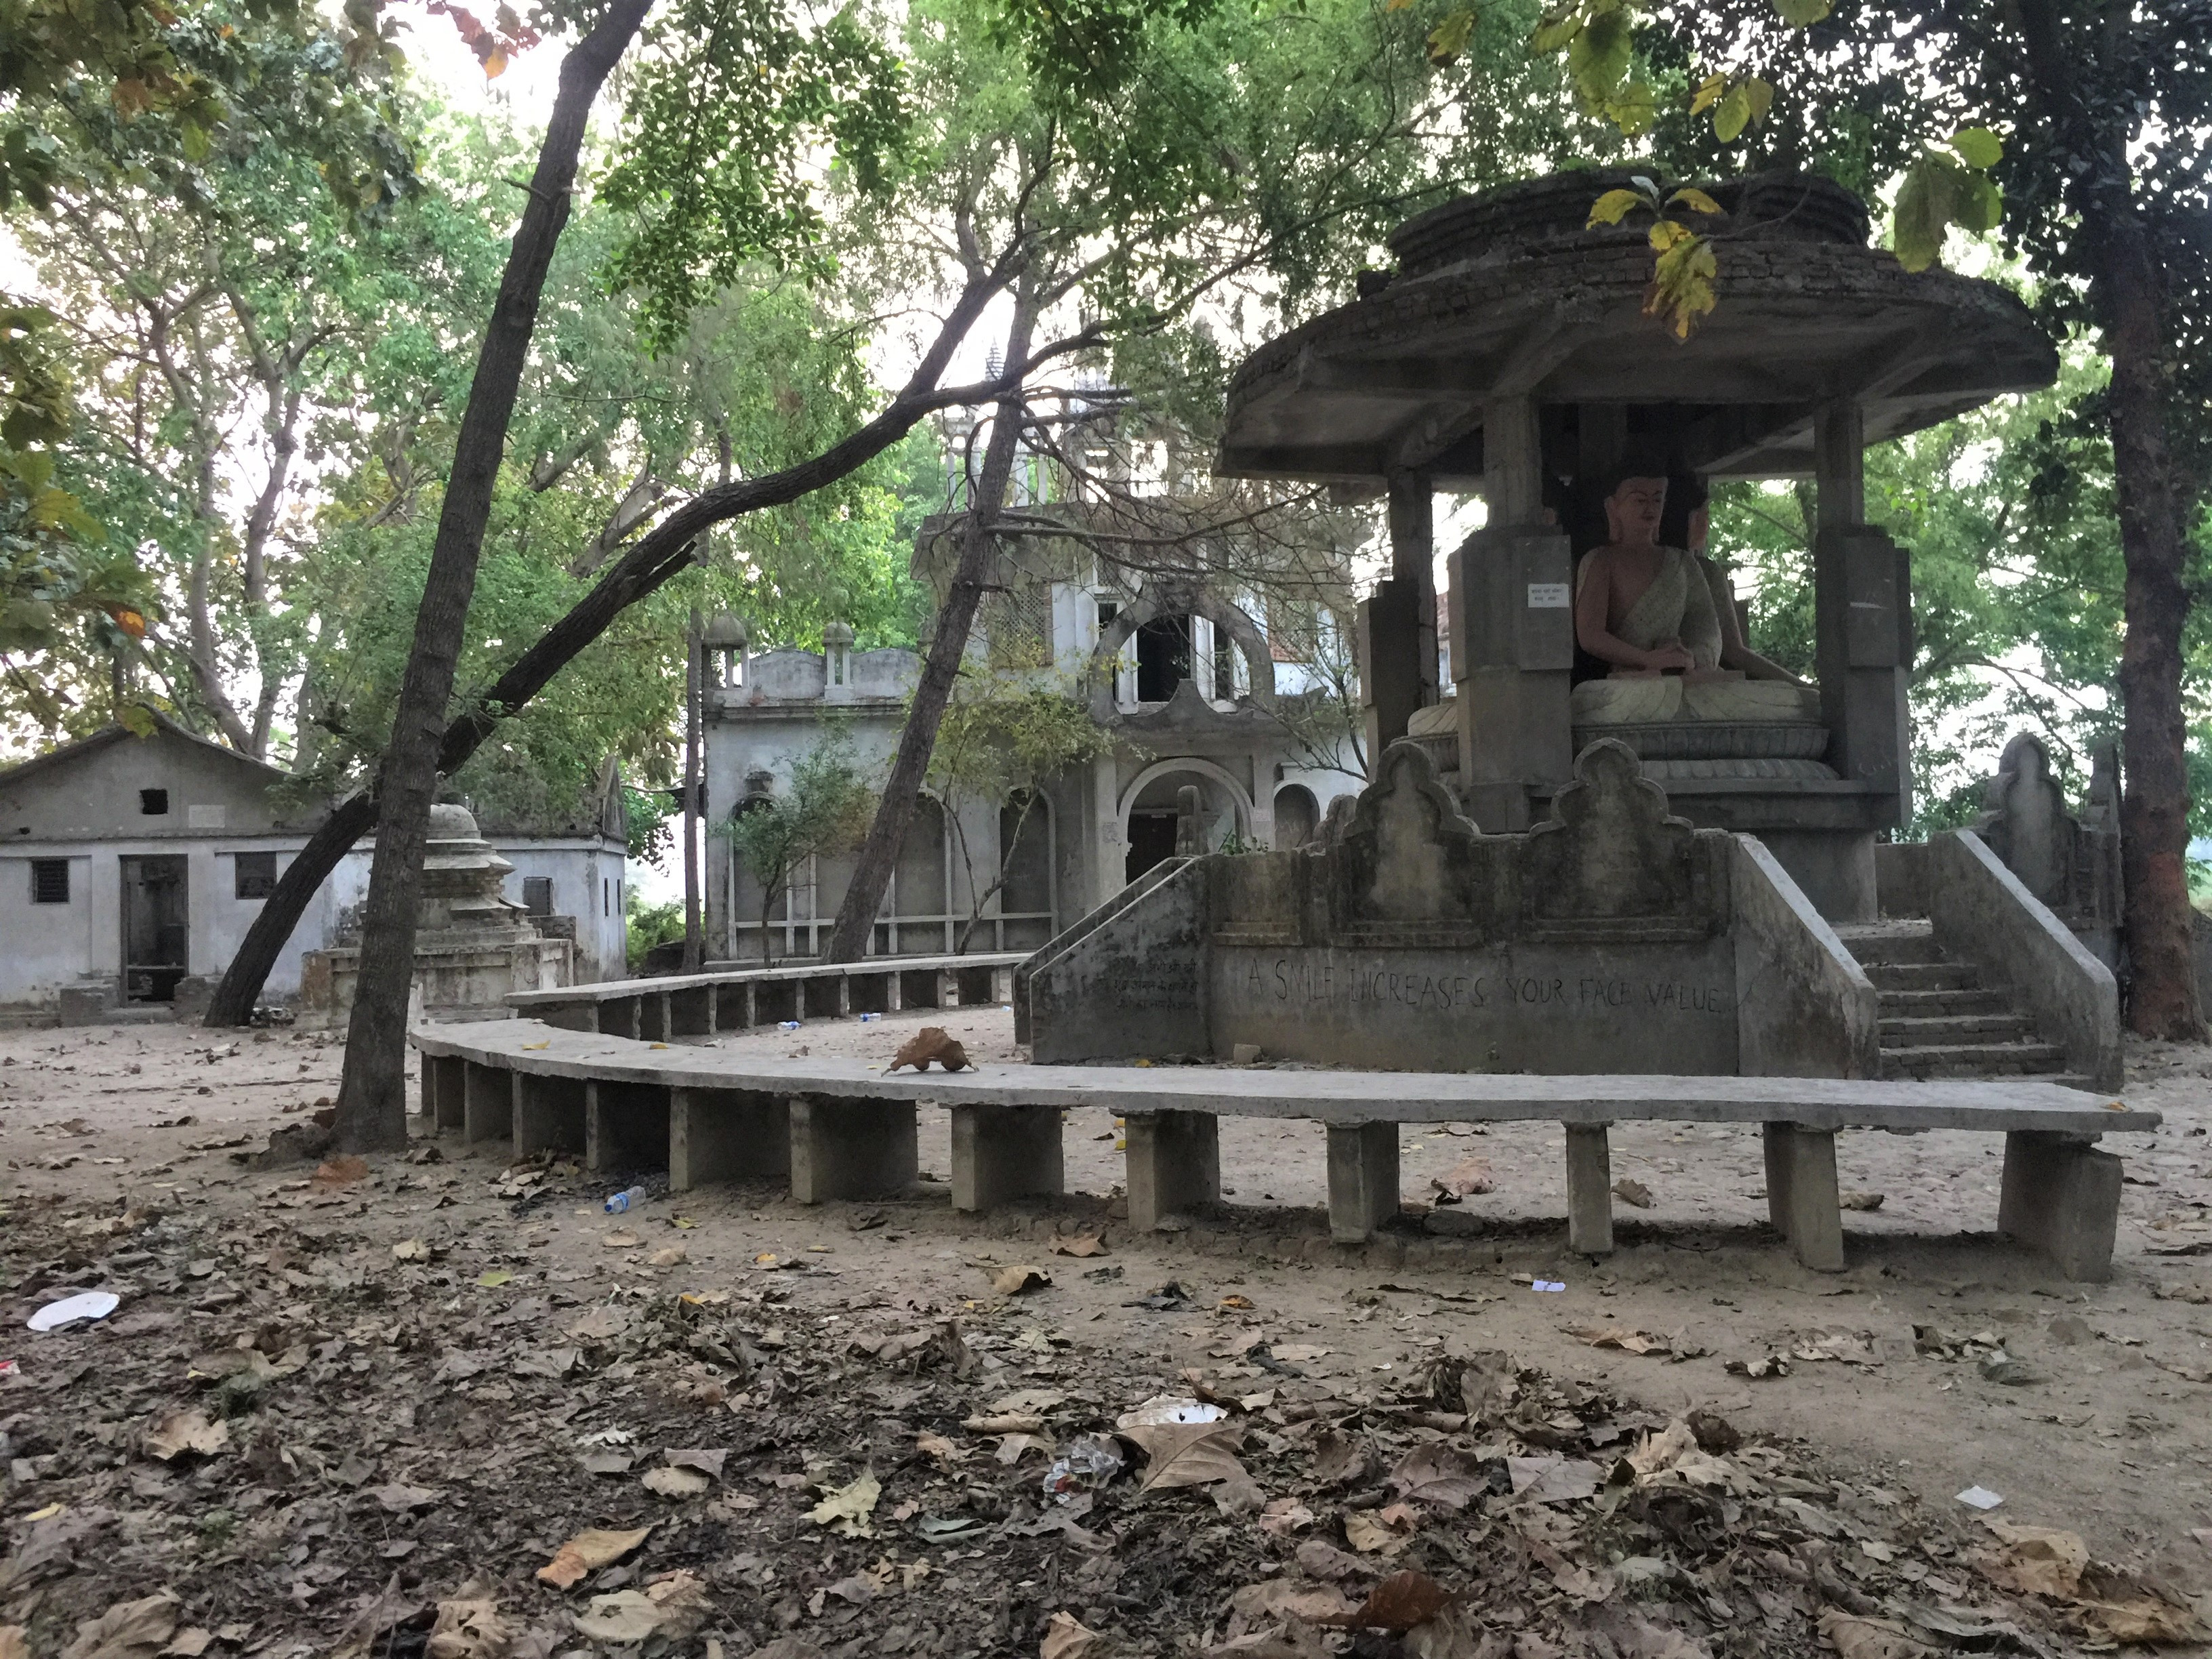 अपहरण काण्डपछि खण्डहर बनेको वीरगन्जको बौद्धपार्क